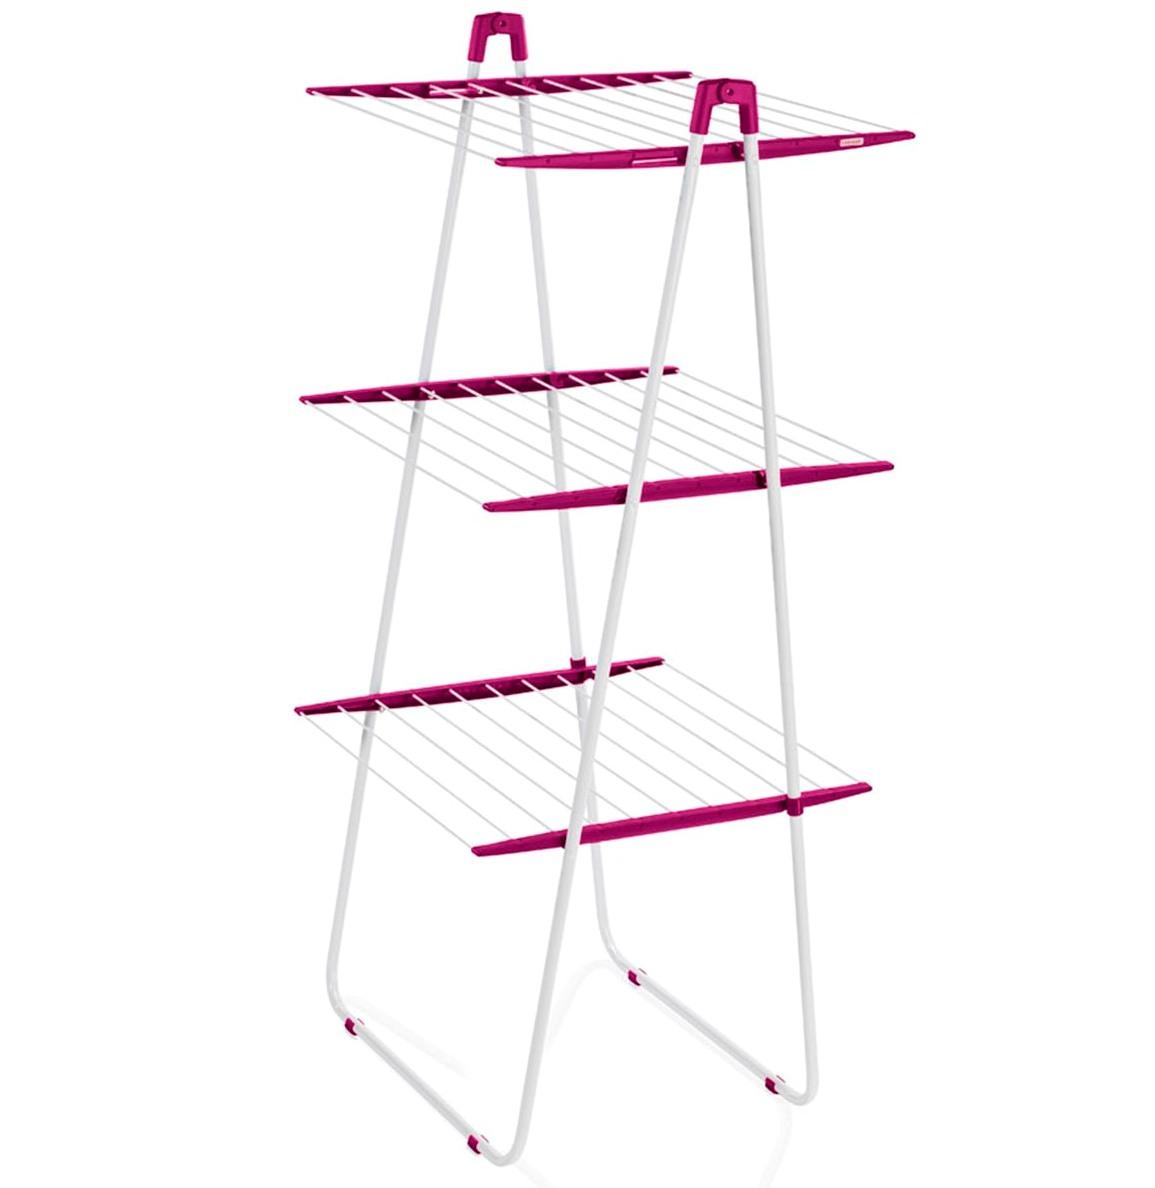 leifheit standtrockner tower 190 color edition. Black Bedroom Furniture Sets. Home Design Ideas